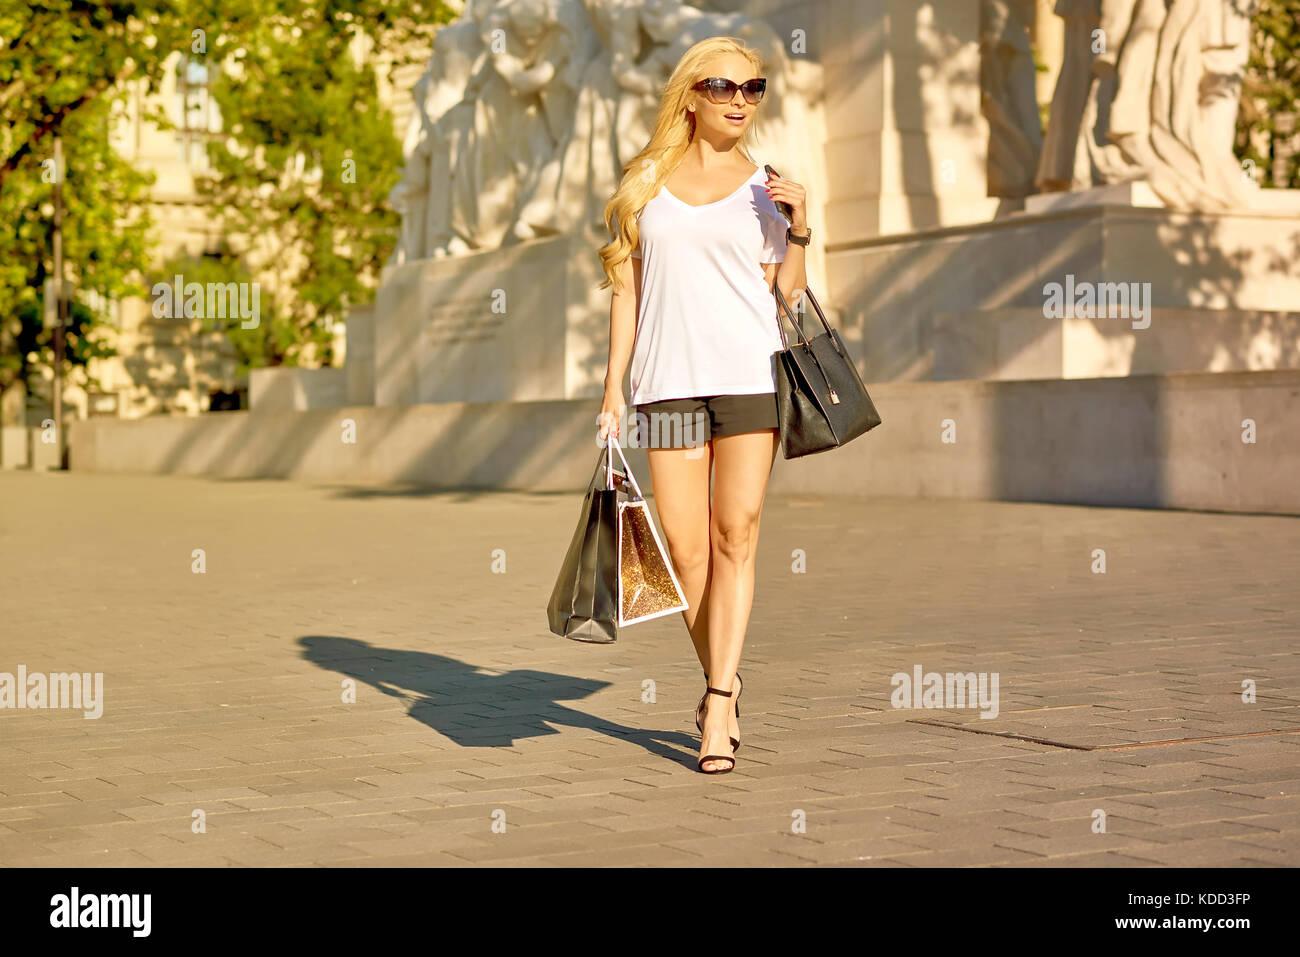 2a6d002864d5 Una joven y bella mujer rubia caminando sobre un cuadrado en tacones altos  en el atardecer